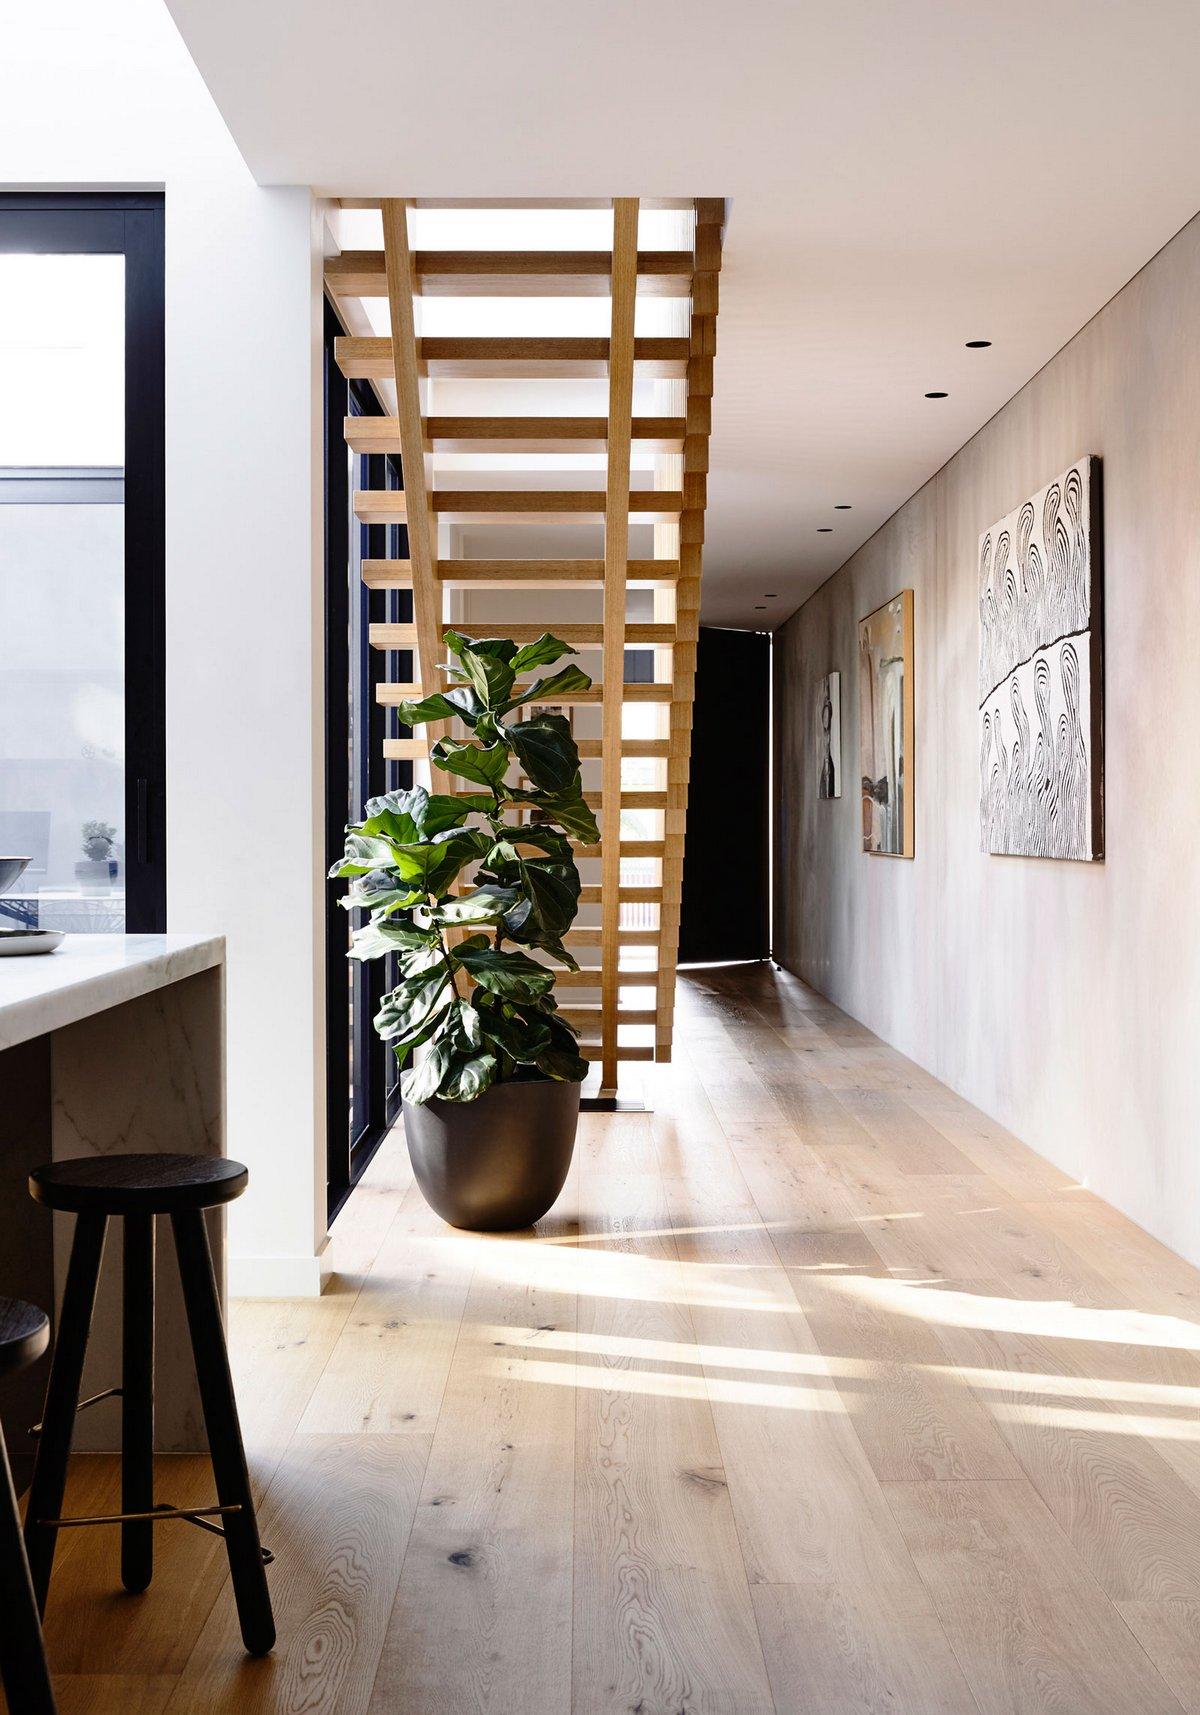 InForm, Elwood Townhouse, Элвуд, Австралия, двухэтажный современный дом фото, современные частные дома фото, частные дома в Австралии фото